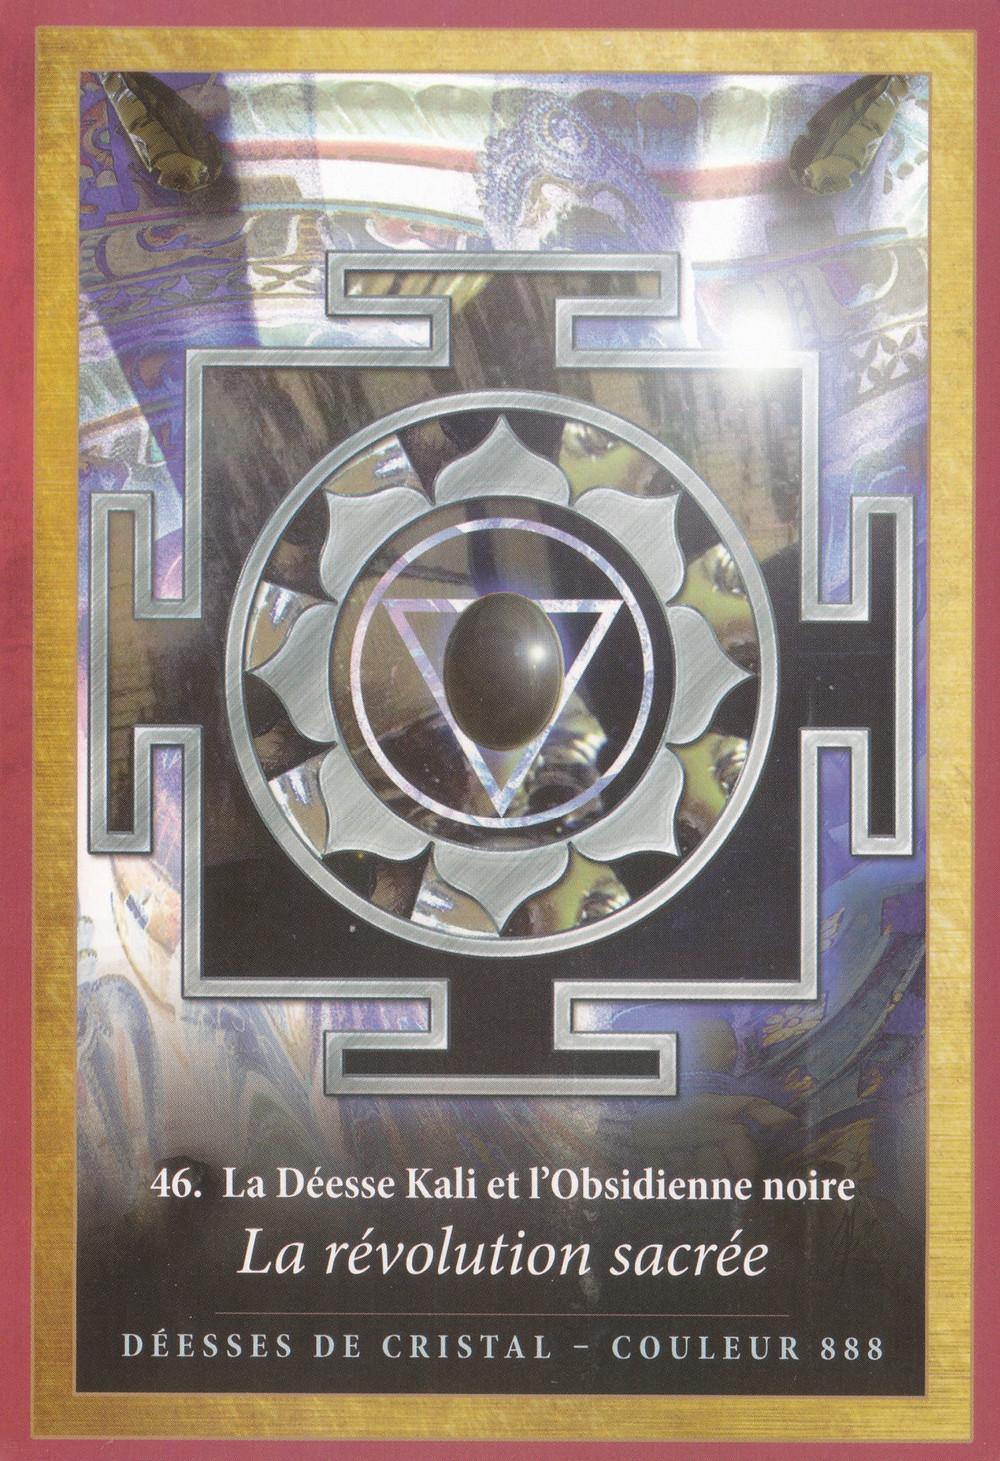 Carte de L'Energie des Anges et des Cristaux d'Alana Fairchild - 46 - Energies du 3 au 5 juillet 2020 (Pleine Lune-Eclipse) : C'est parti pour la Révolution Sacrée !